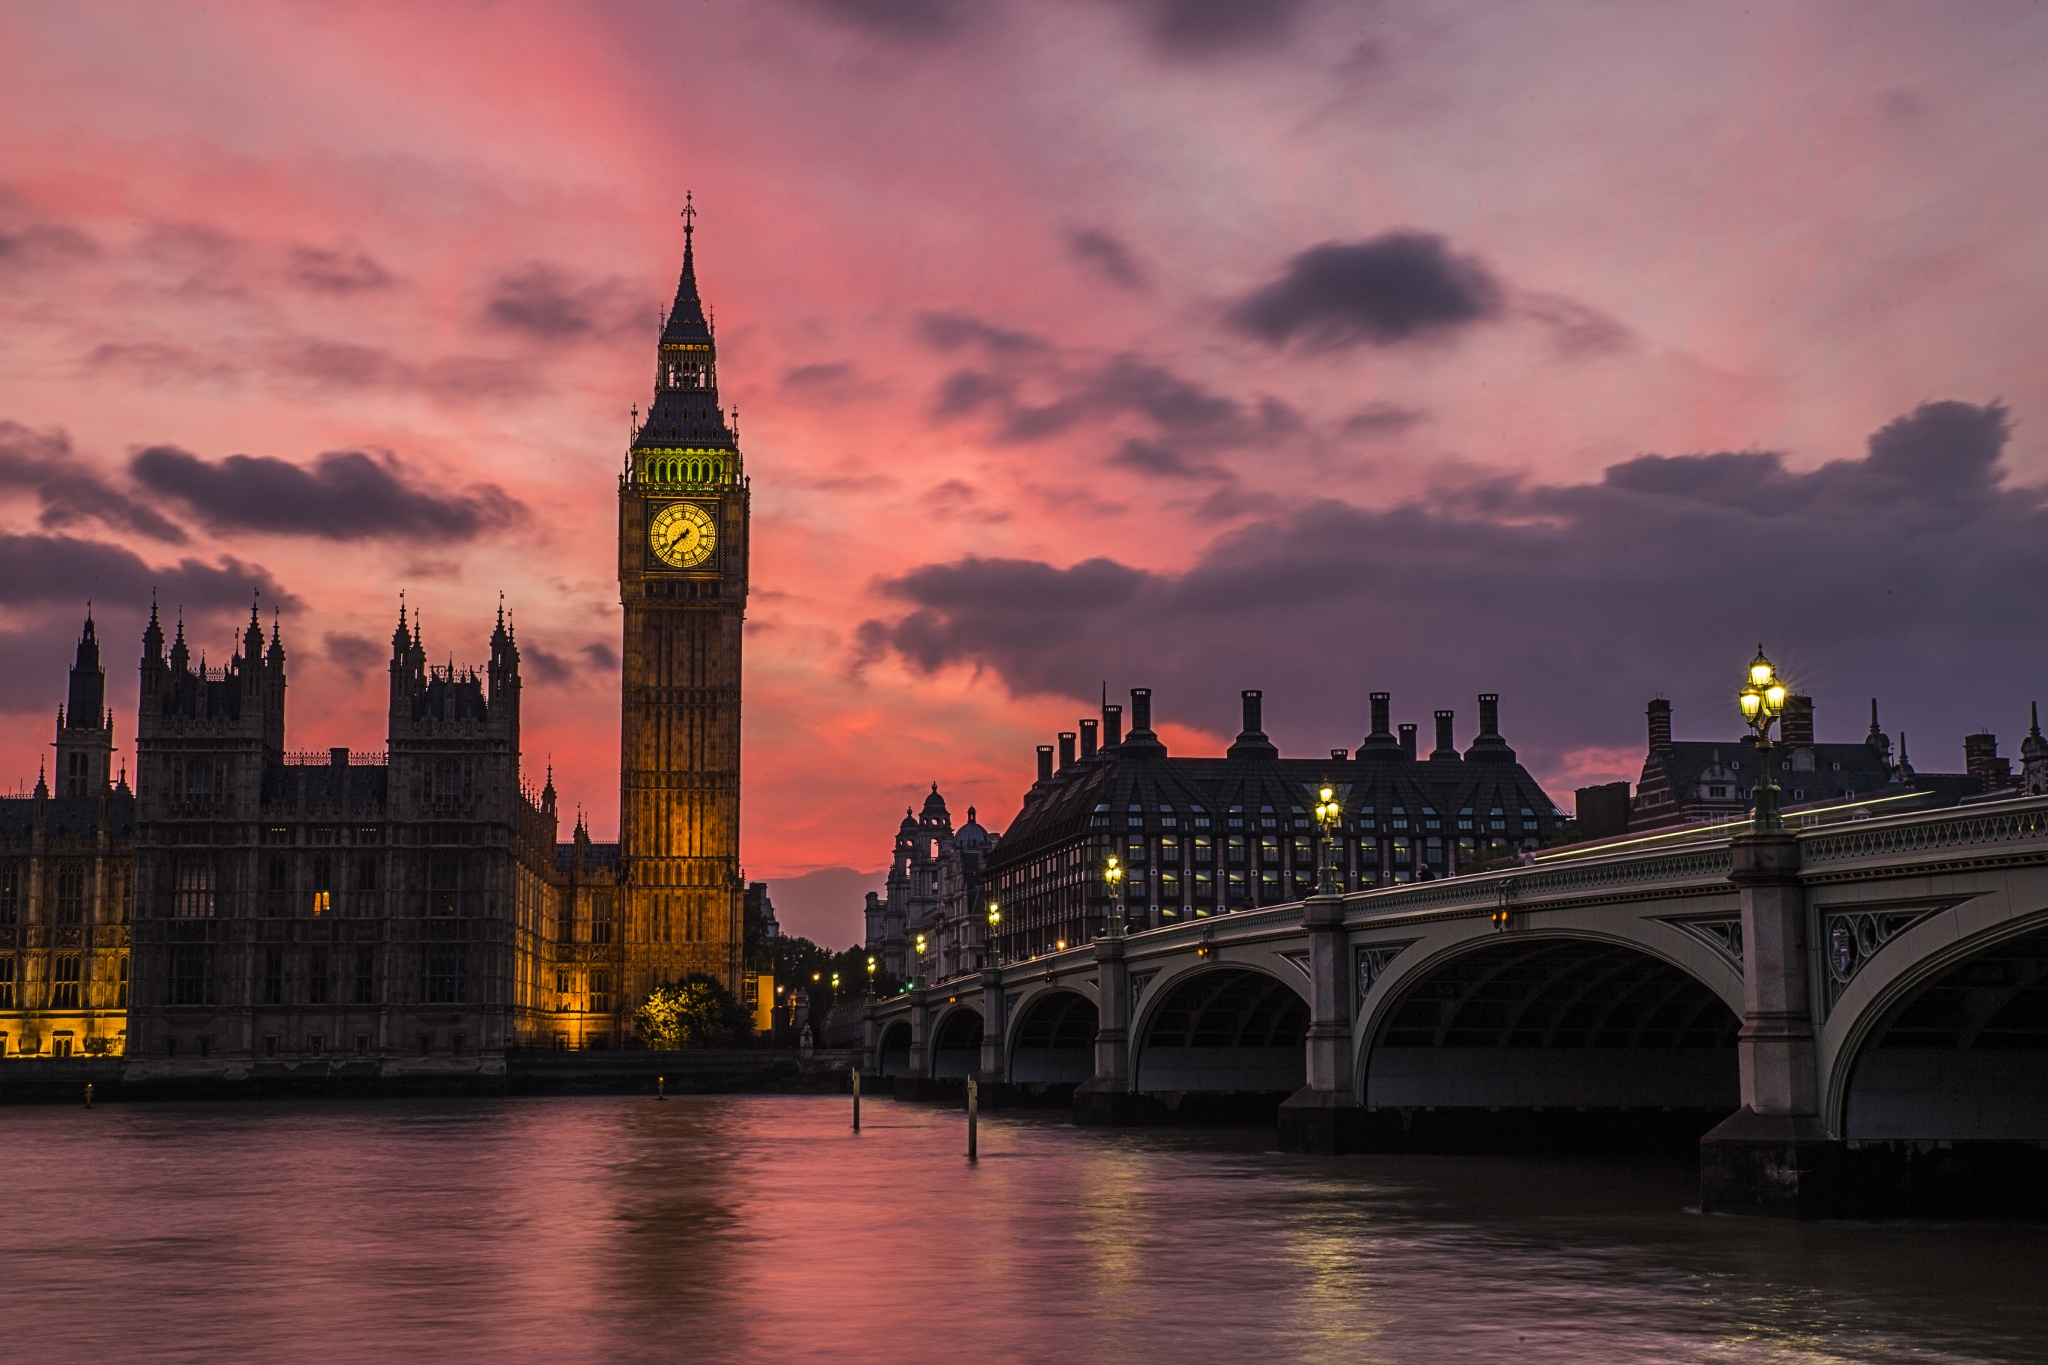 Big Ben in London at Dusk